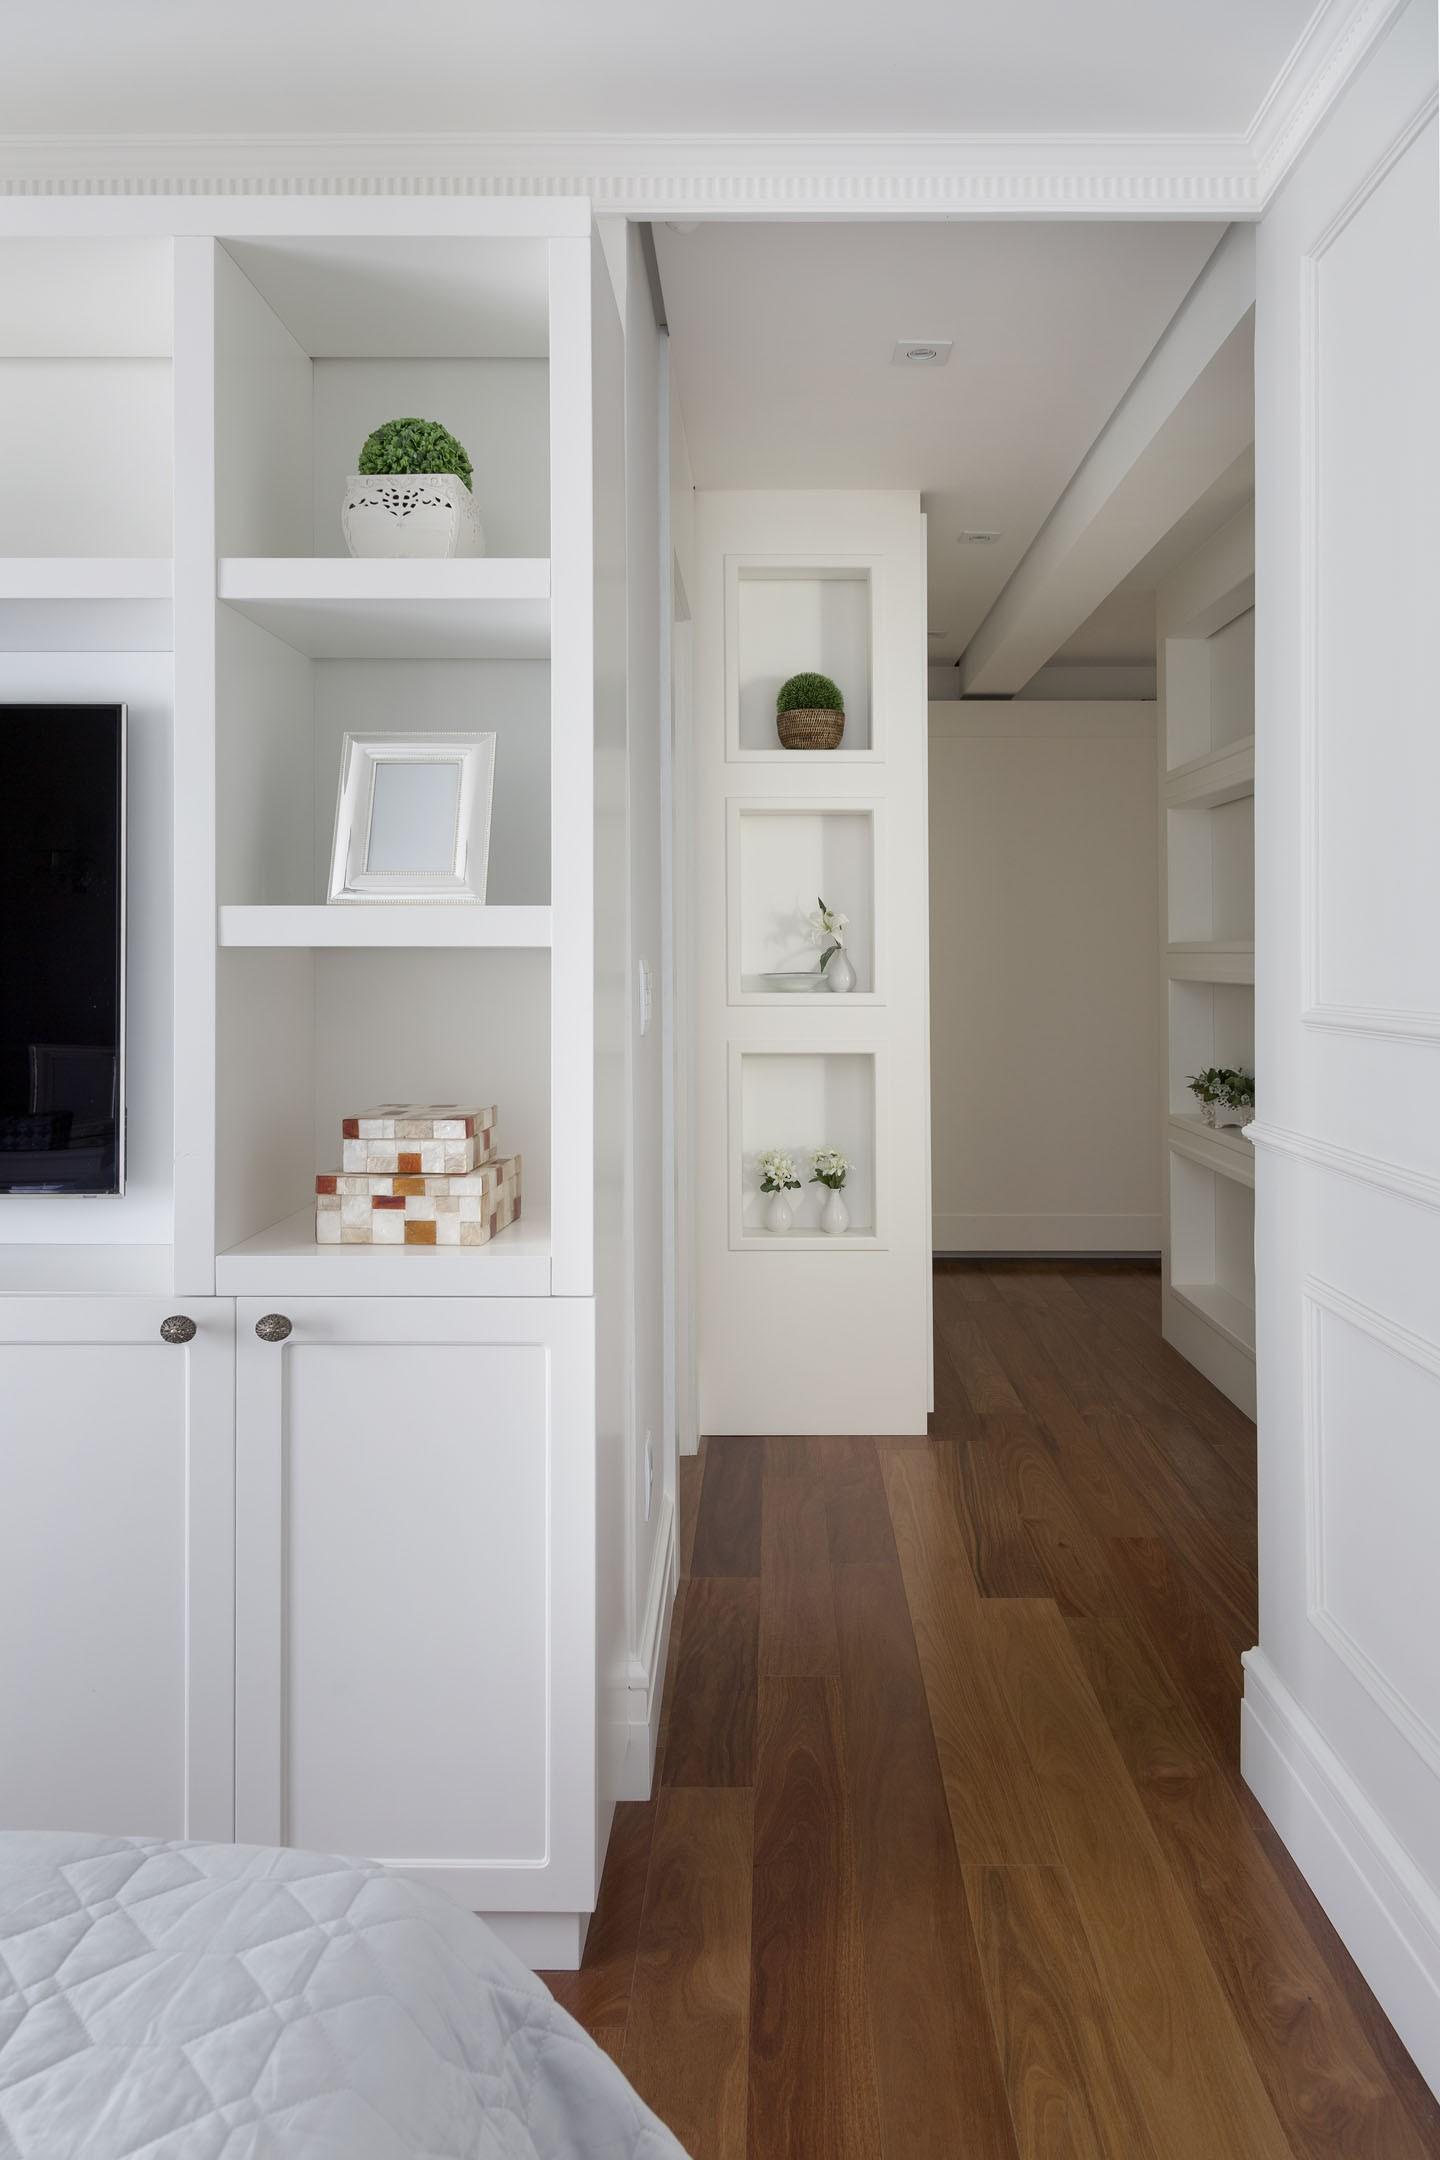 Quarto com armário branco e piso de madeira.